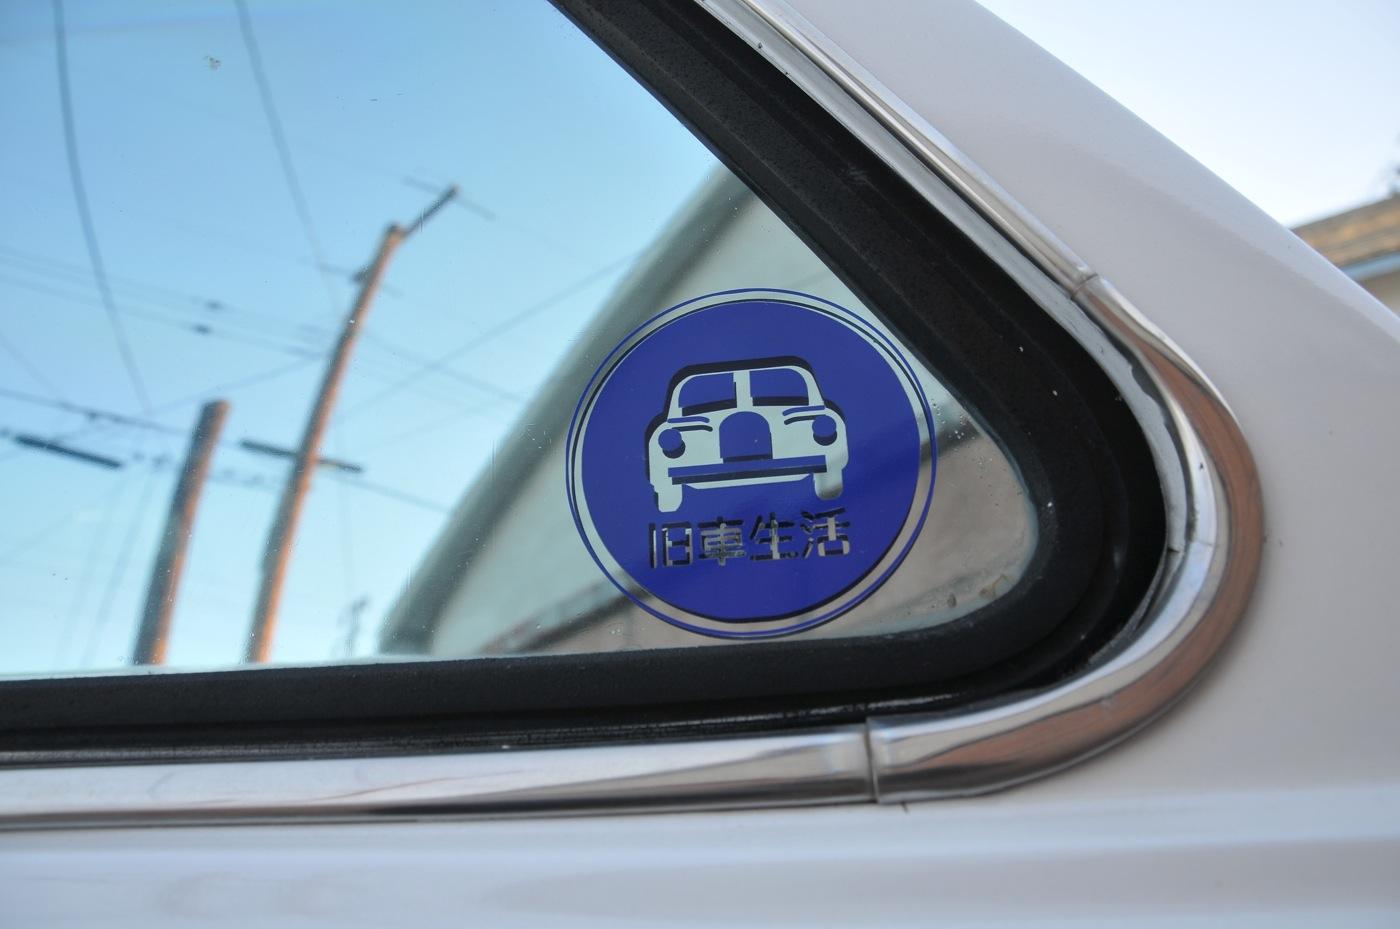 Goki, wagon, kyuusha sticker, Datsun 510